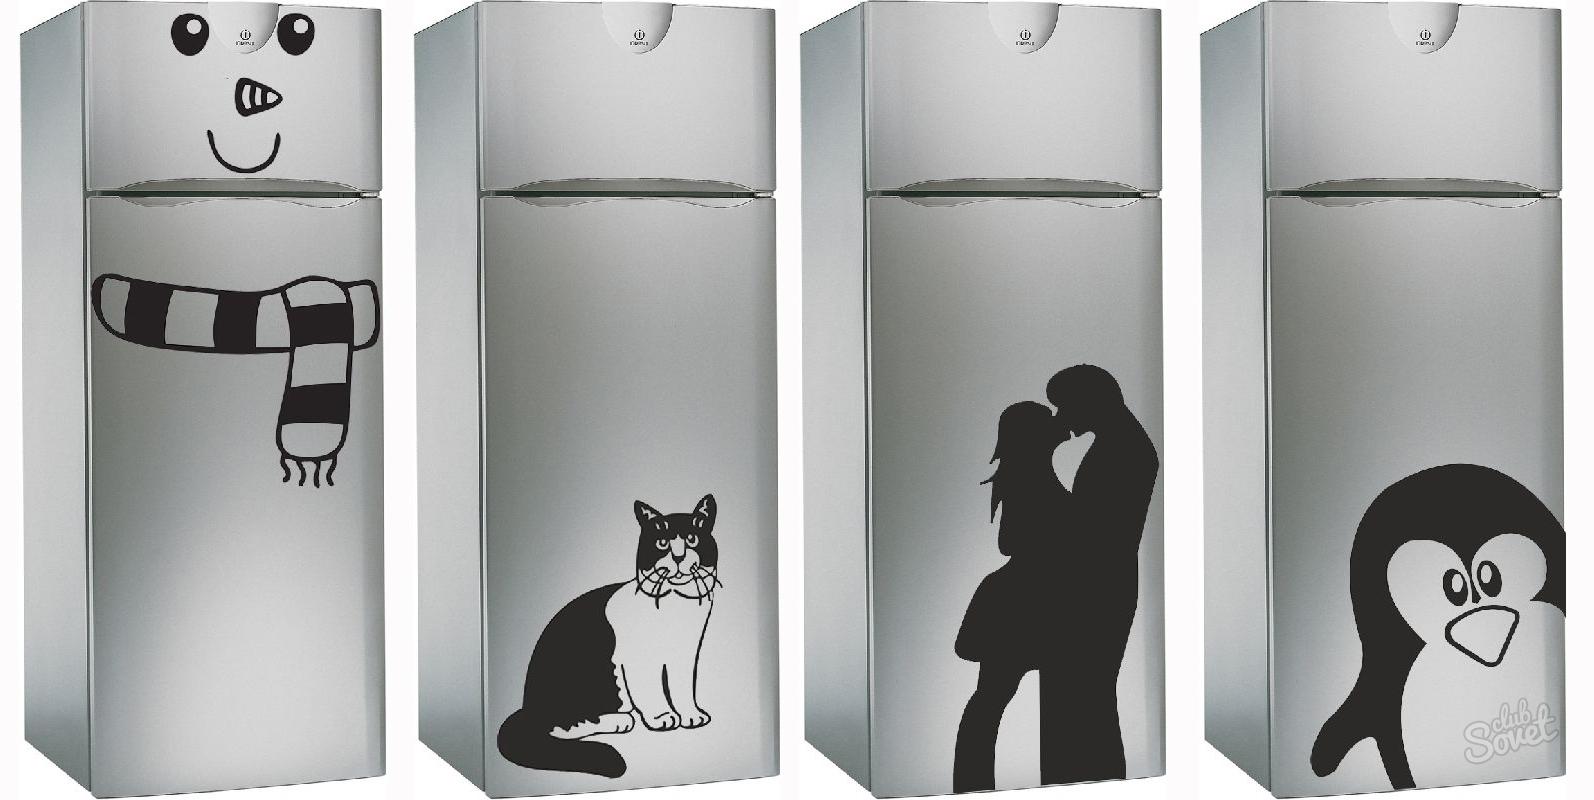 Картинки прикольных холодильников